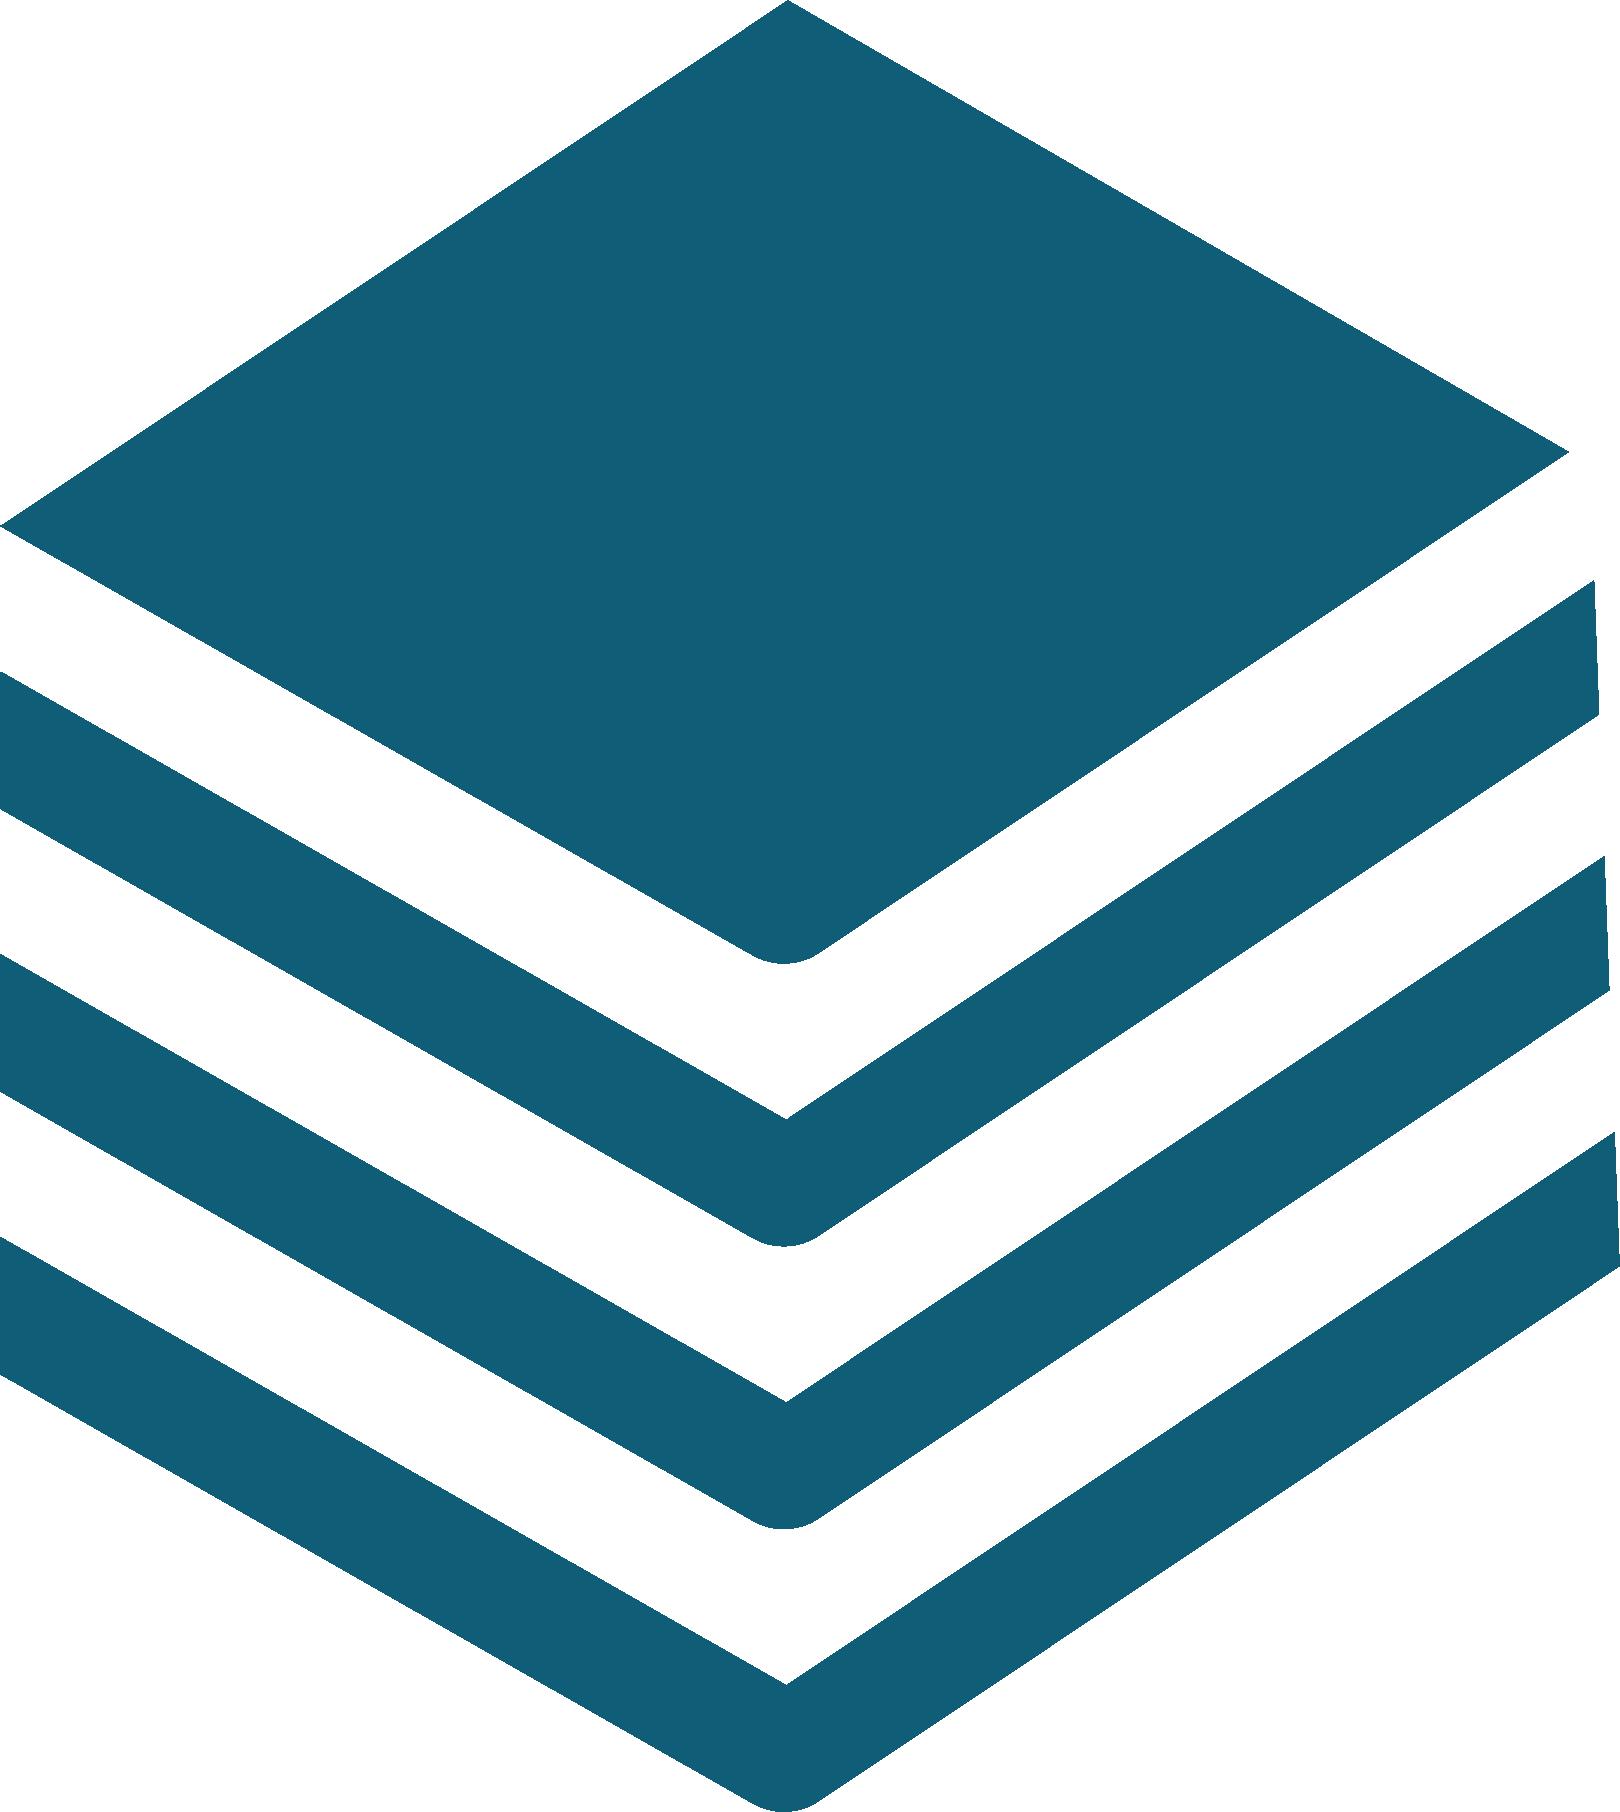 logo_sin_texto_azul.png